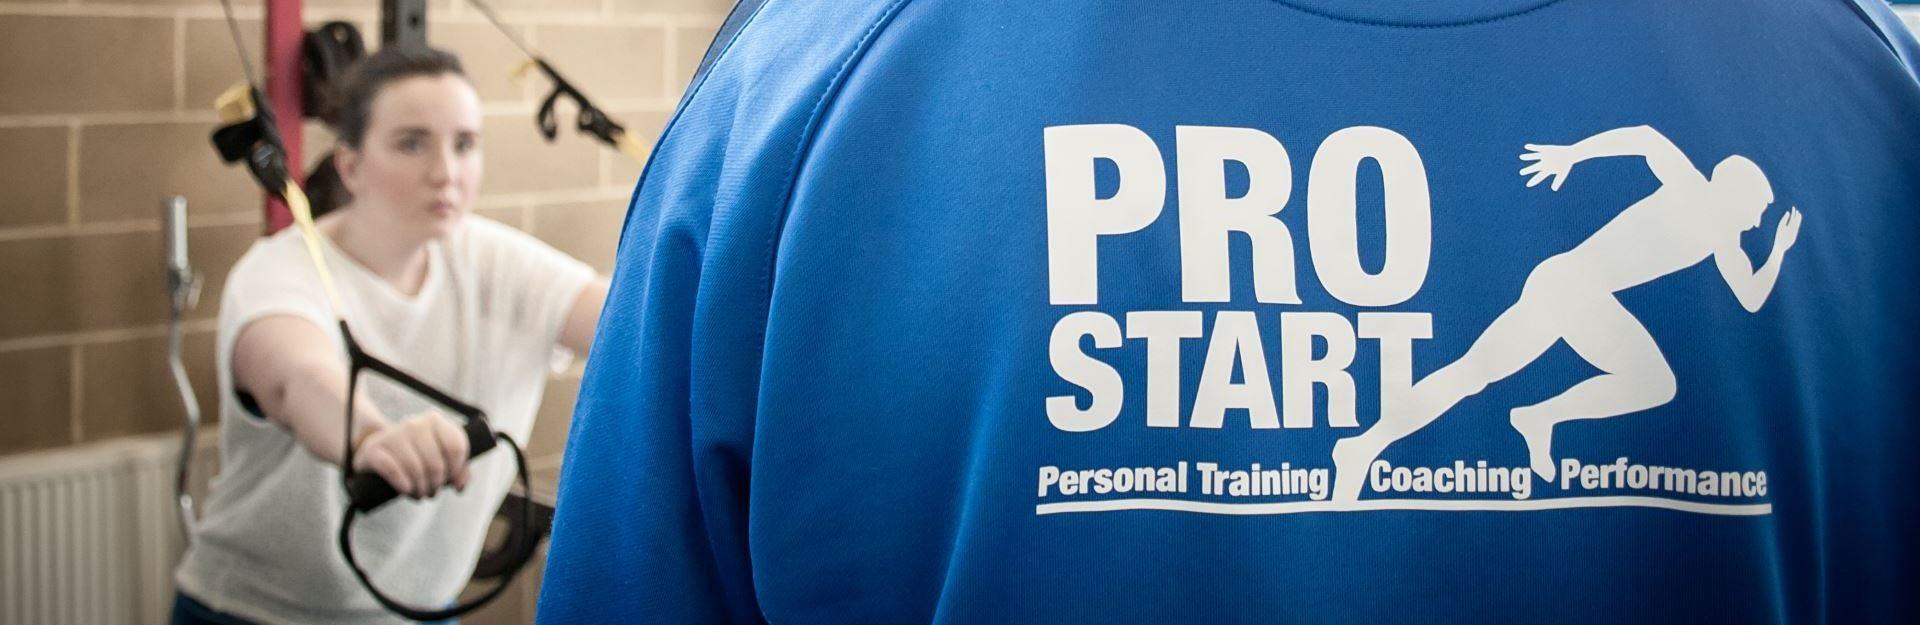 Personal Training in Aylesbury